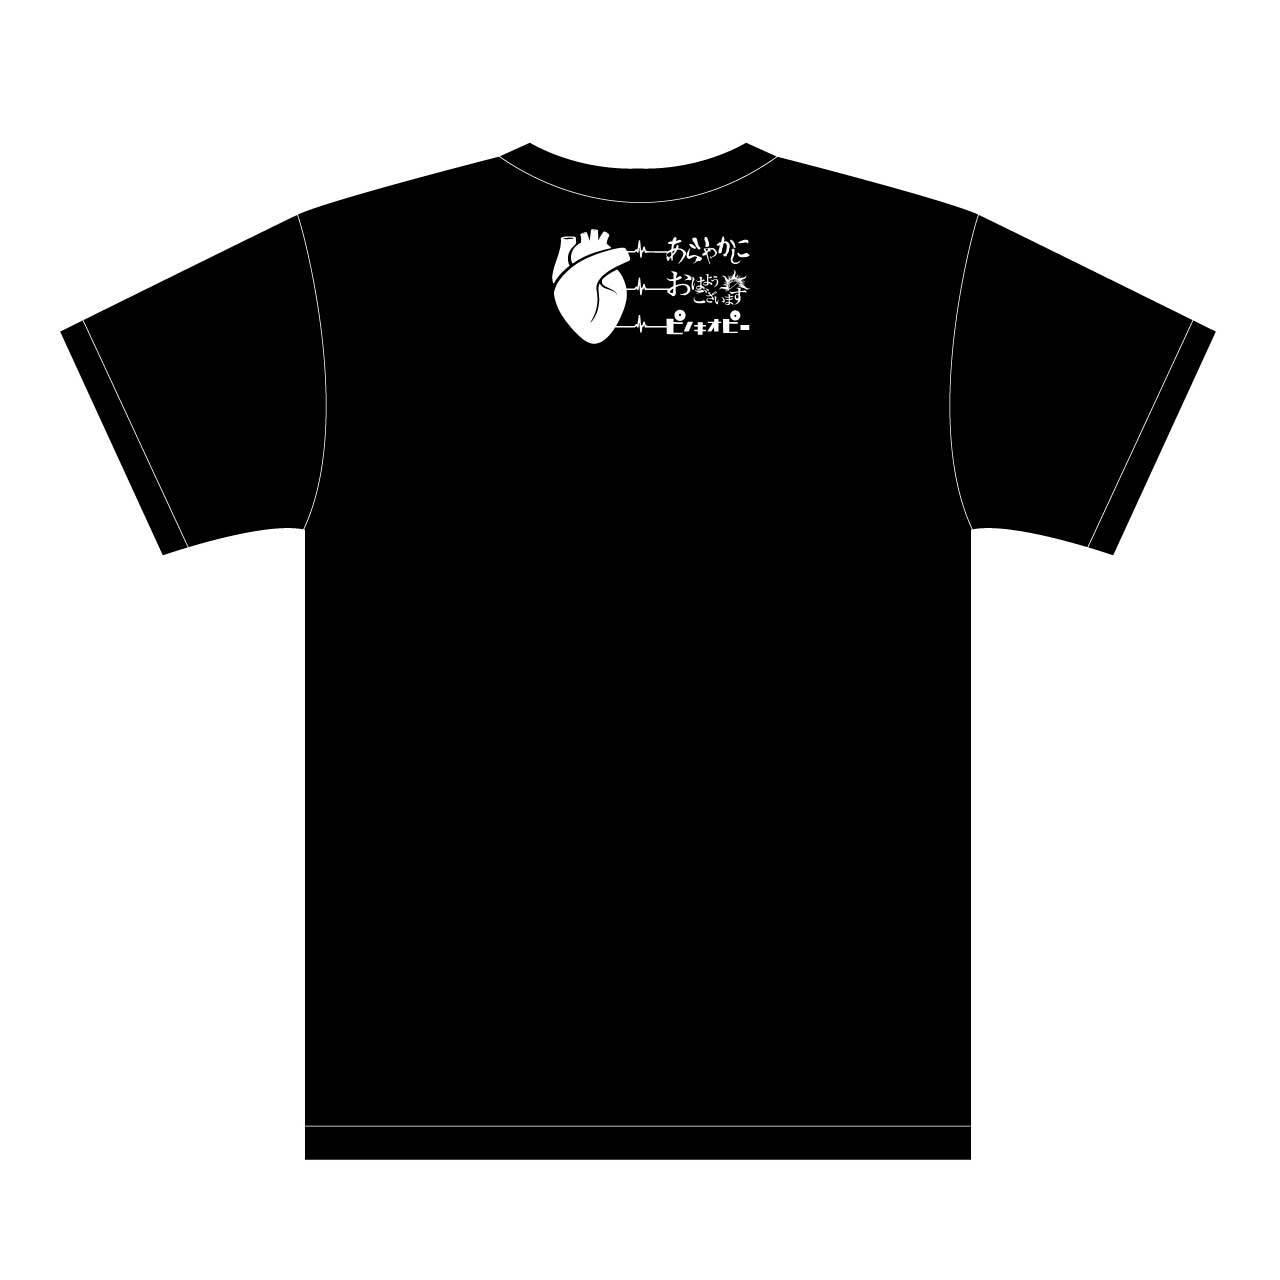 おはようございます×ピノキオピー×あらいやかしこ「心」Tシャツ(ブラック) - 画像2